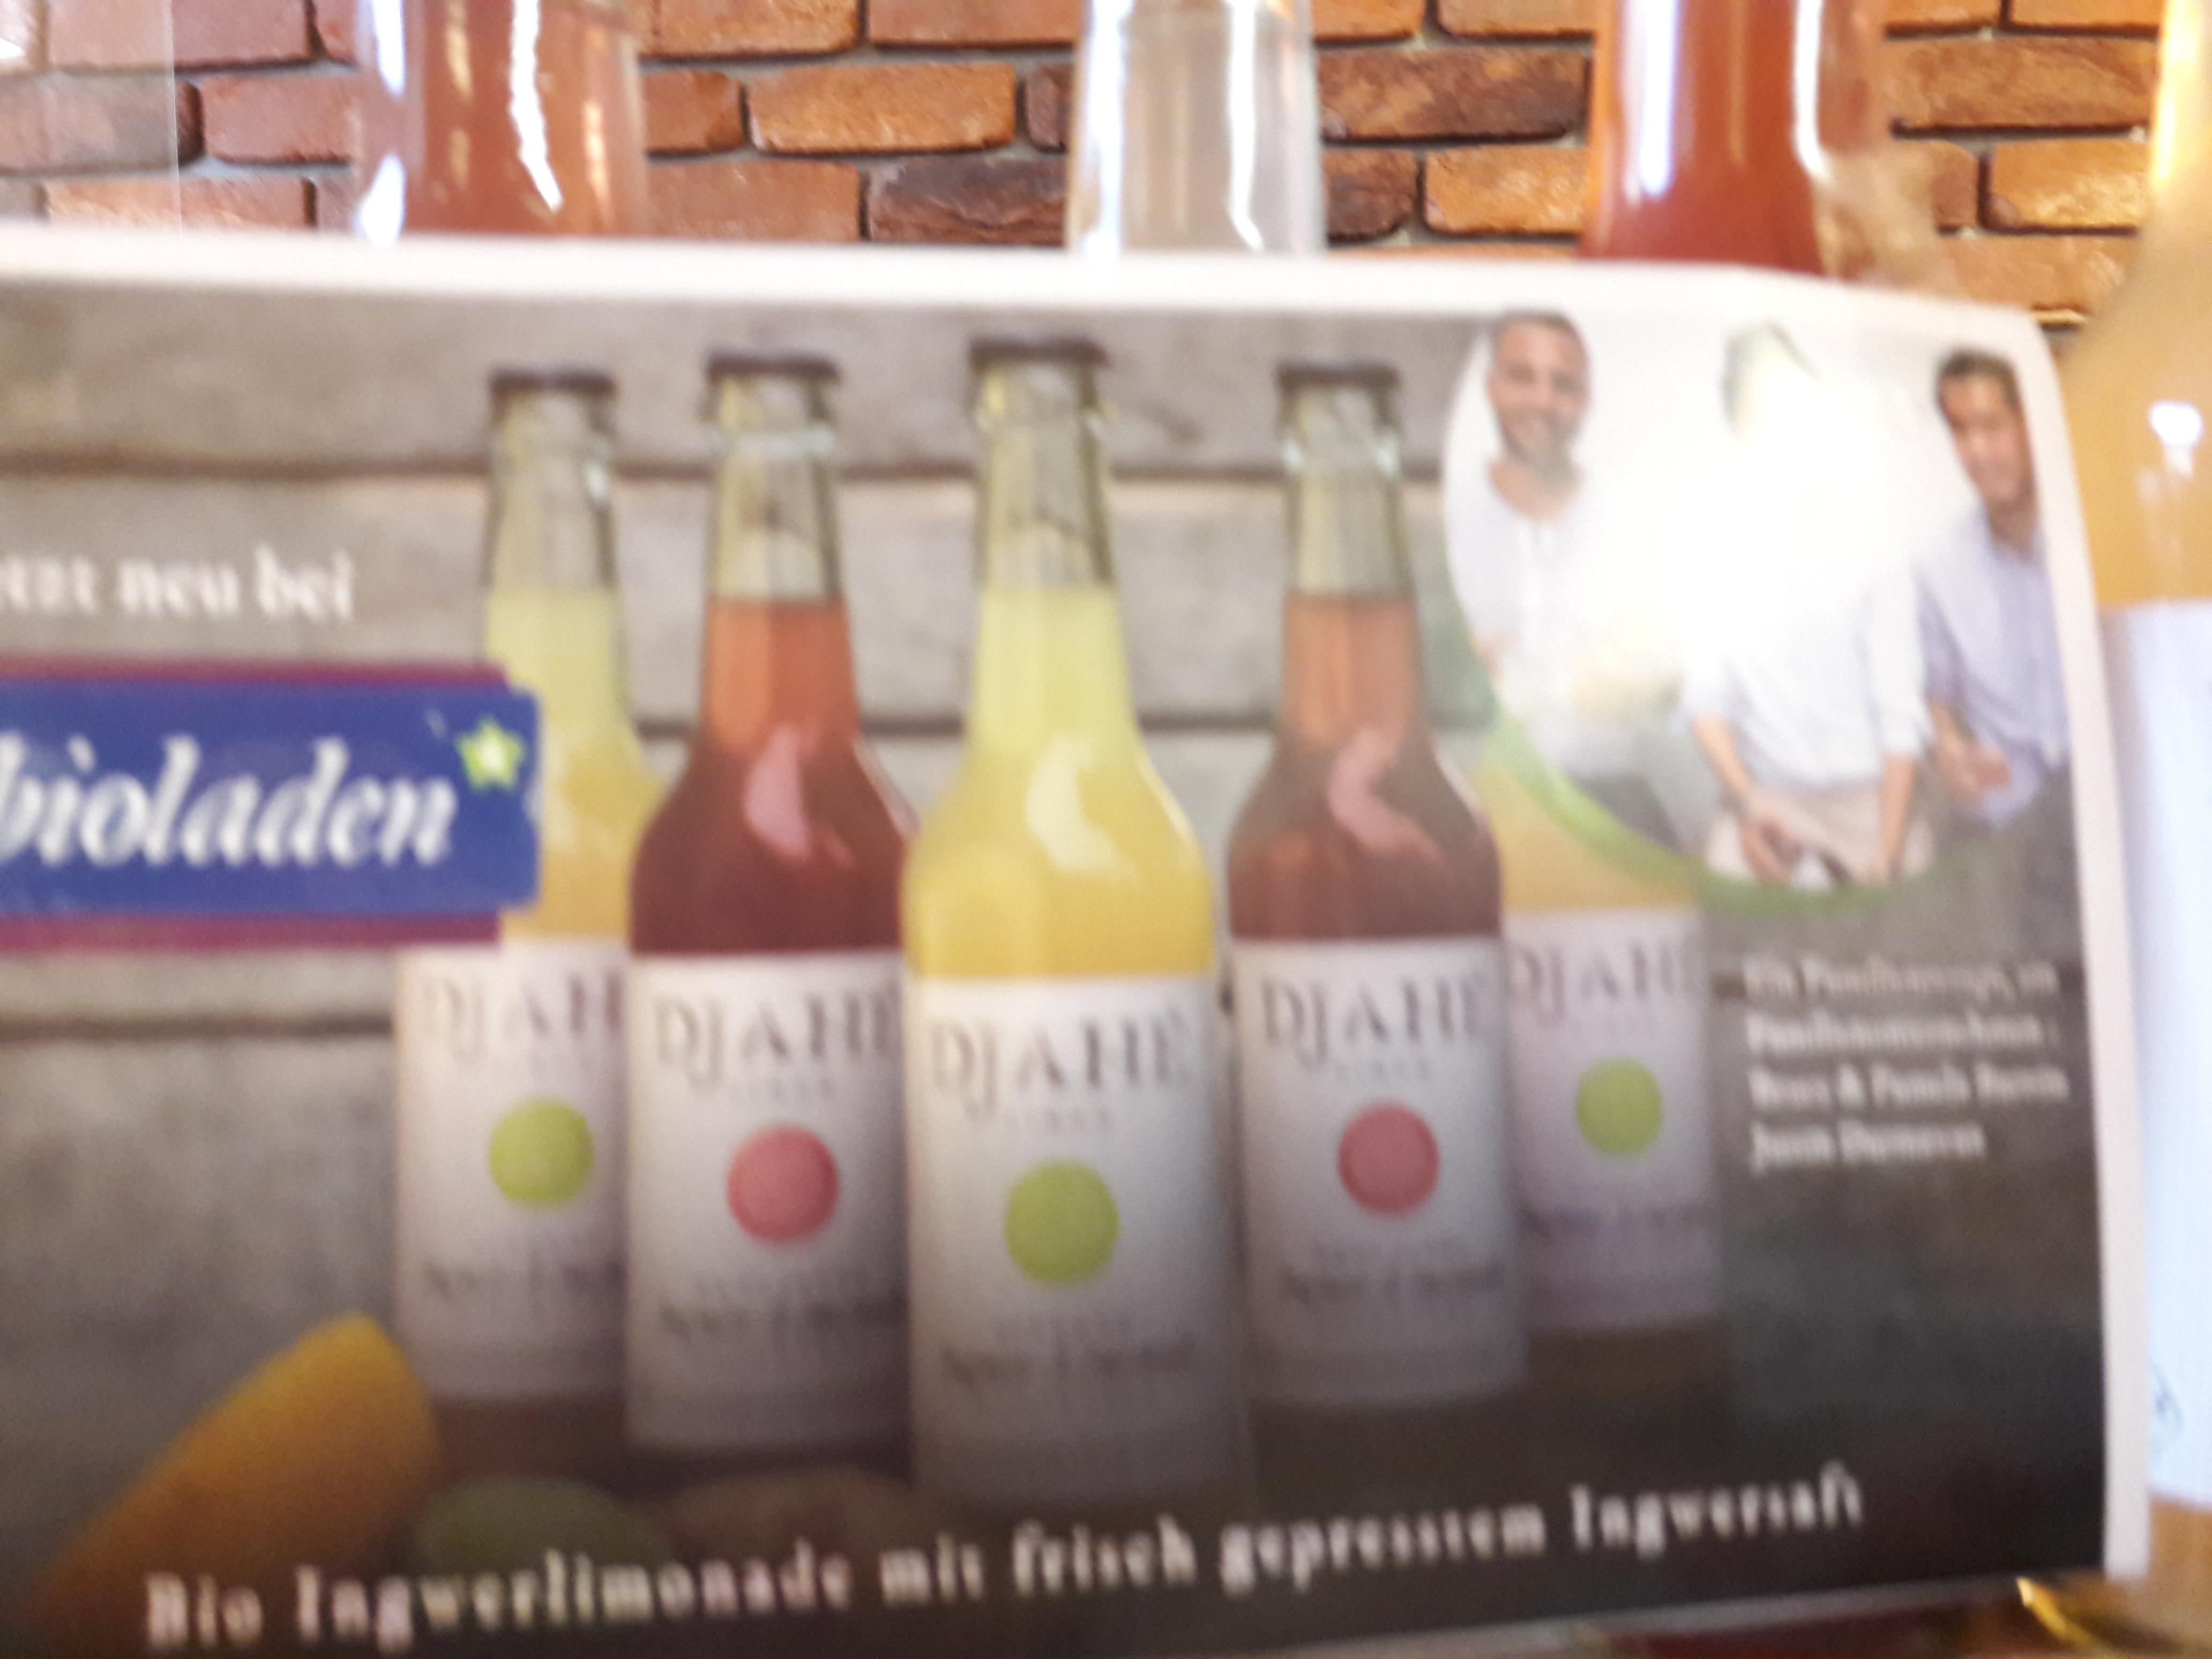 Sommersonniger Genuss! Probieren Sie die erfrischende Ingwerlimonade von Djahé!